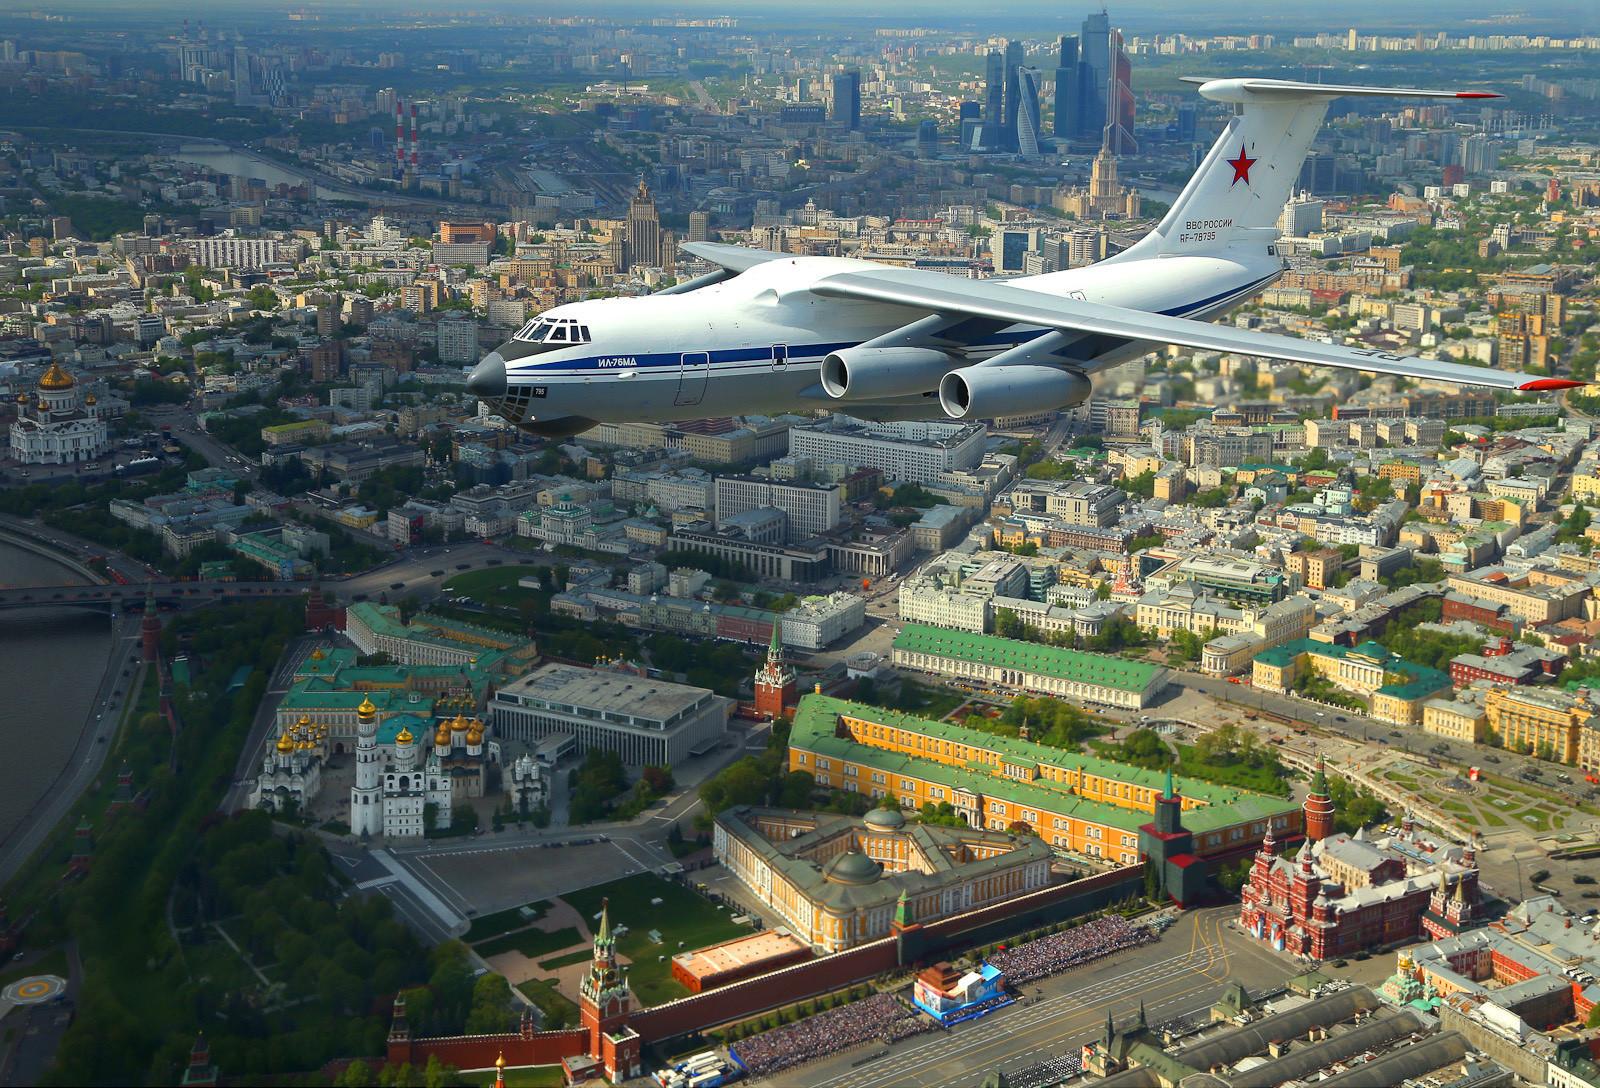 Иљушин Ил-76, повеќенаменски стратешки авион со четири мотори над Кремљ